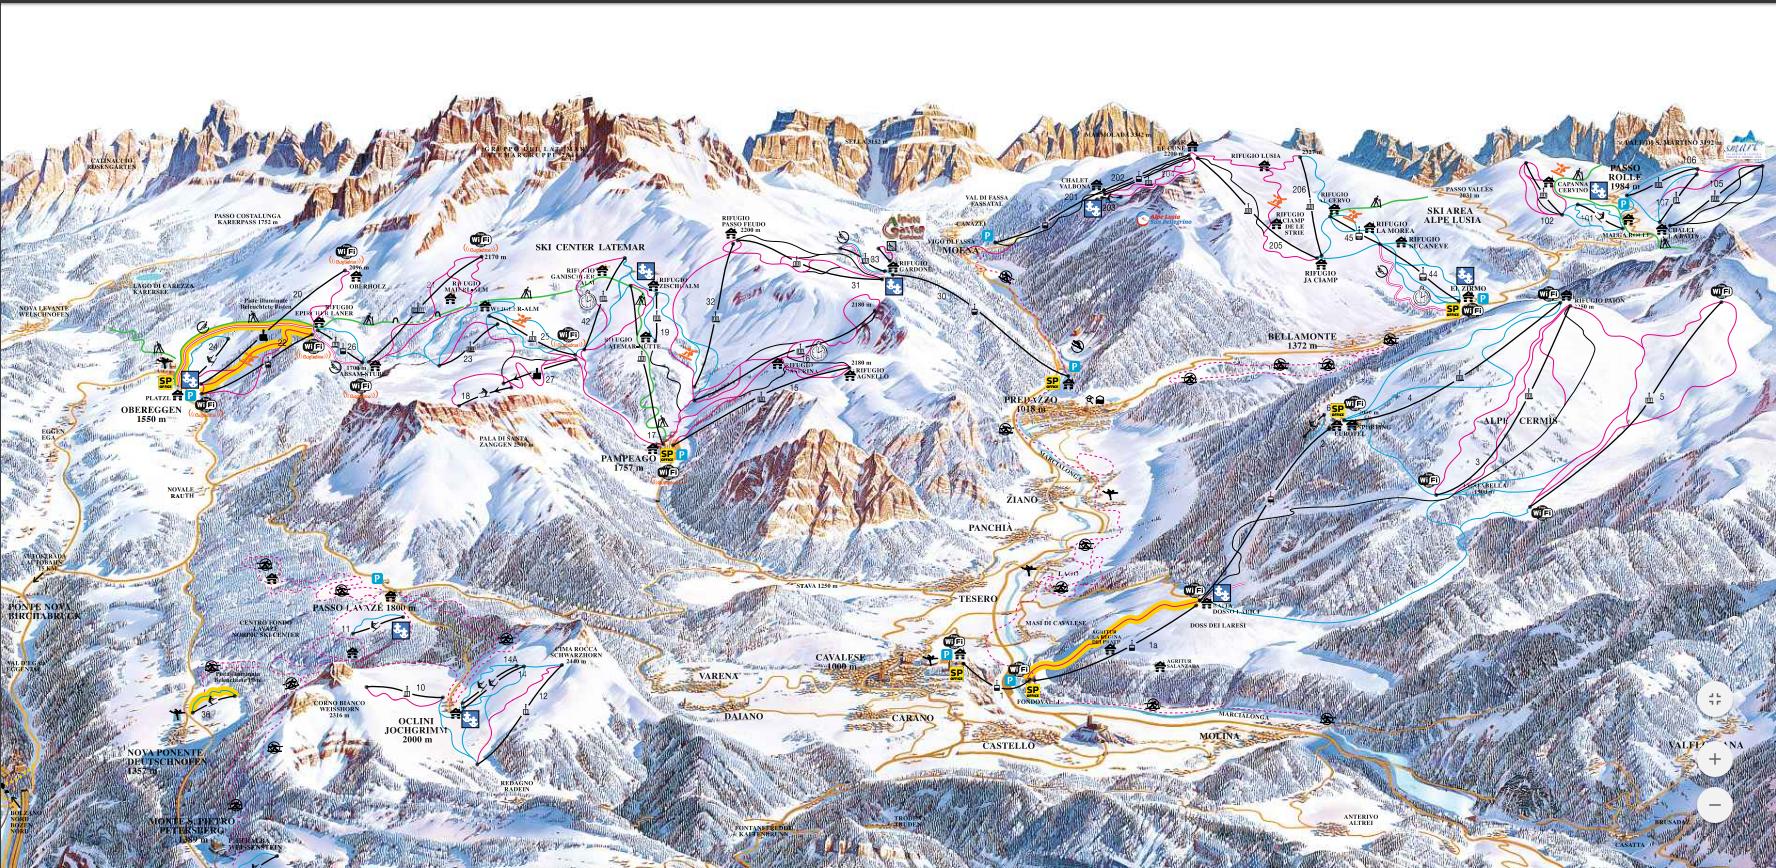 Val di fiemme ski map